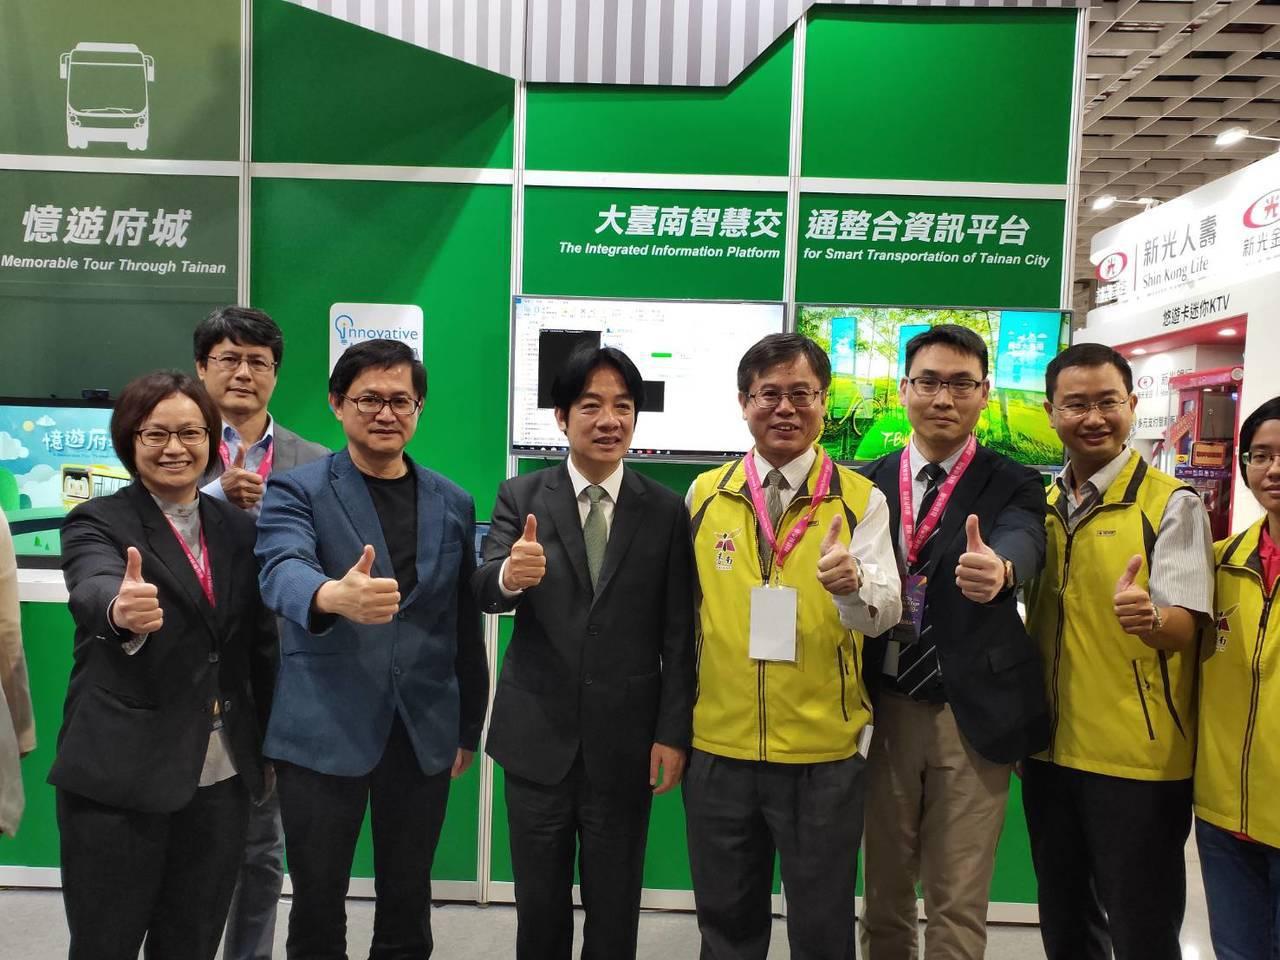 行政院前院長賴清德今天參訪智慧城市展,特地到台南市的攤位看自己市長任內推動的智慧...